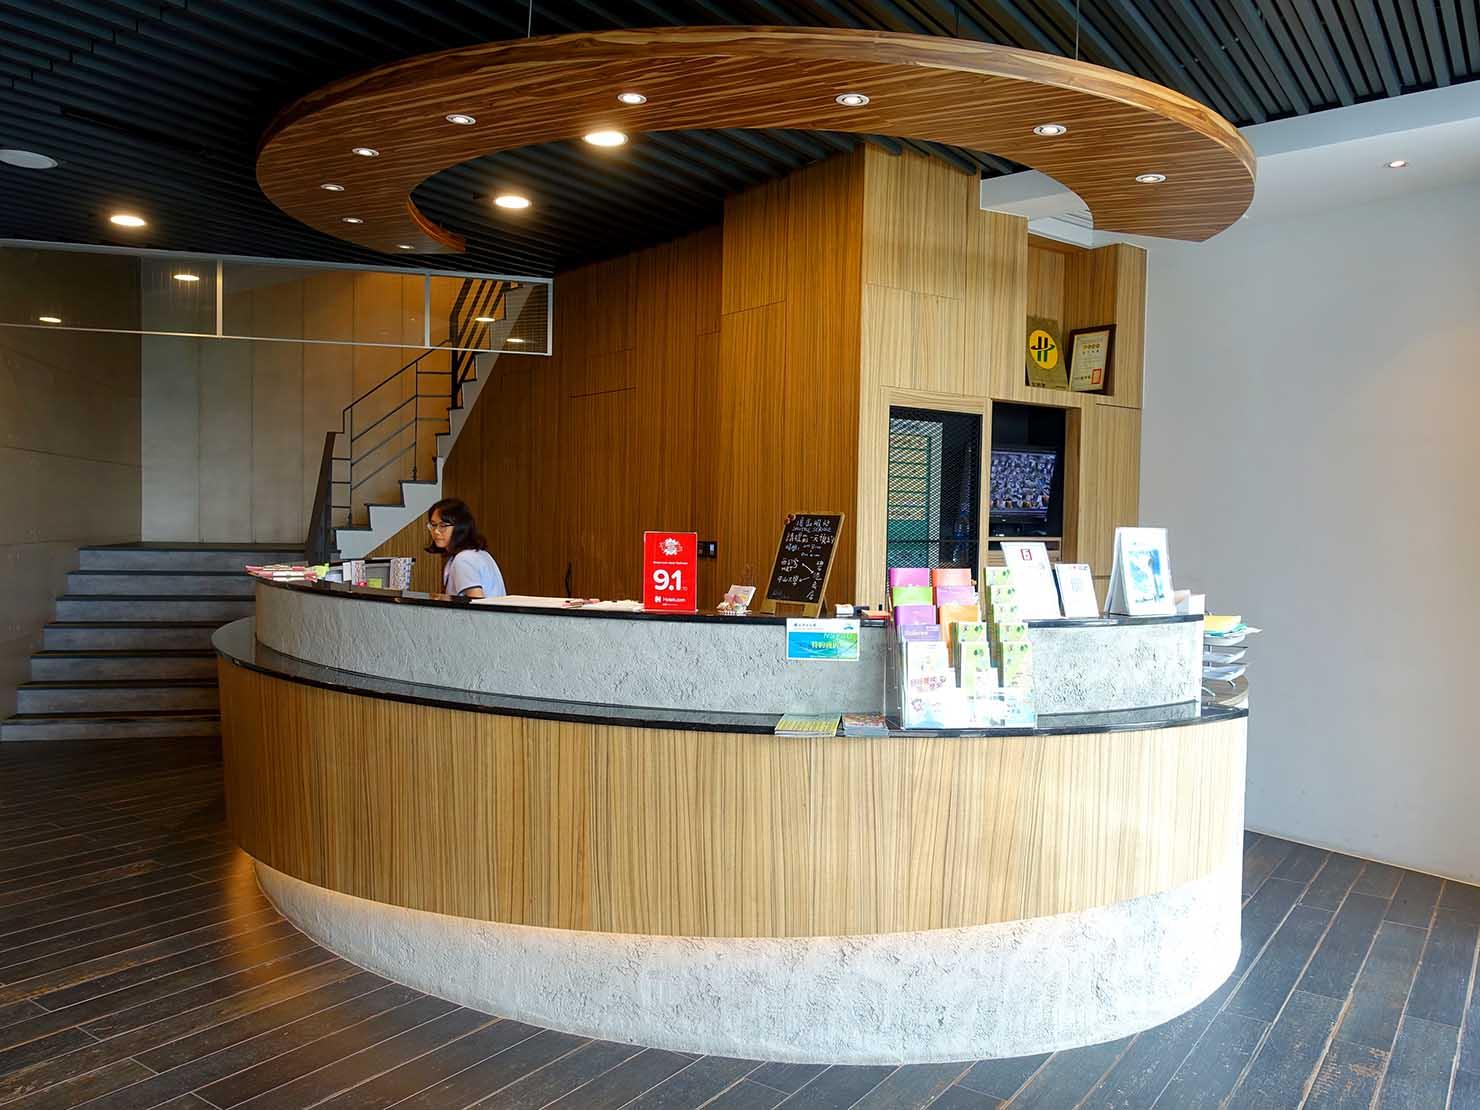 高雄・西子灣の港に立つ海辺のホテル「碧港良居 Watermark Hotel」のフロント